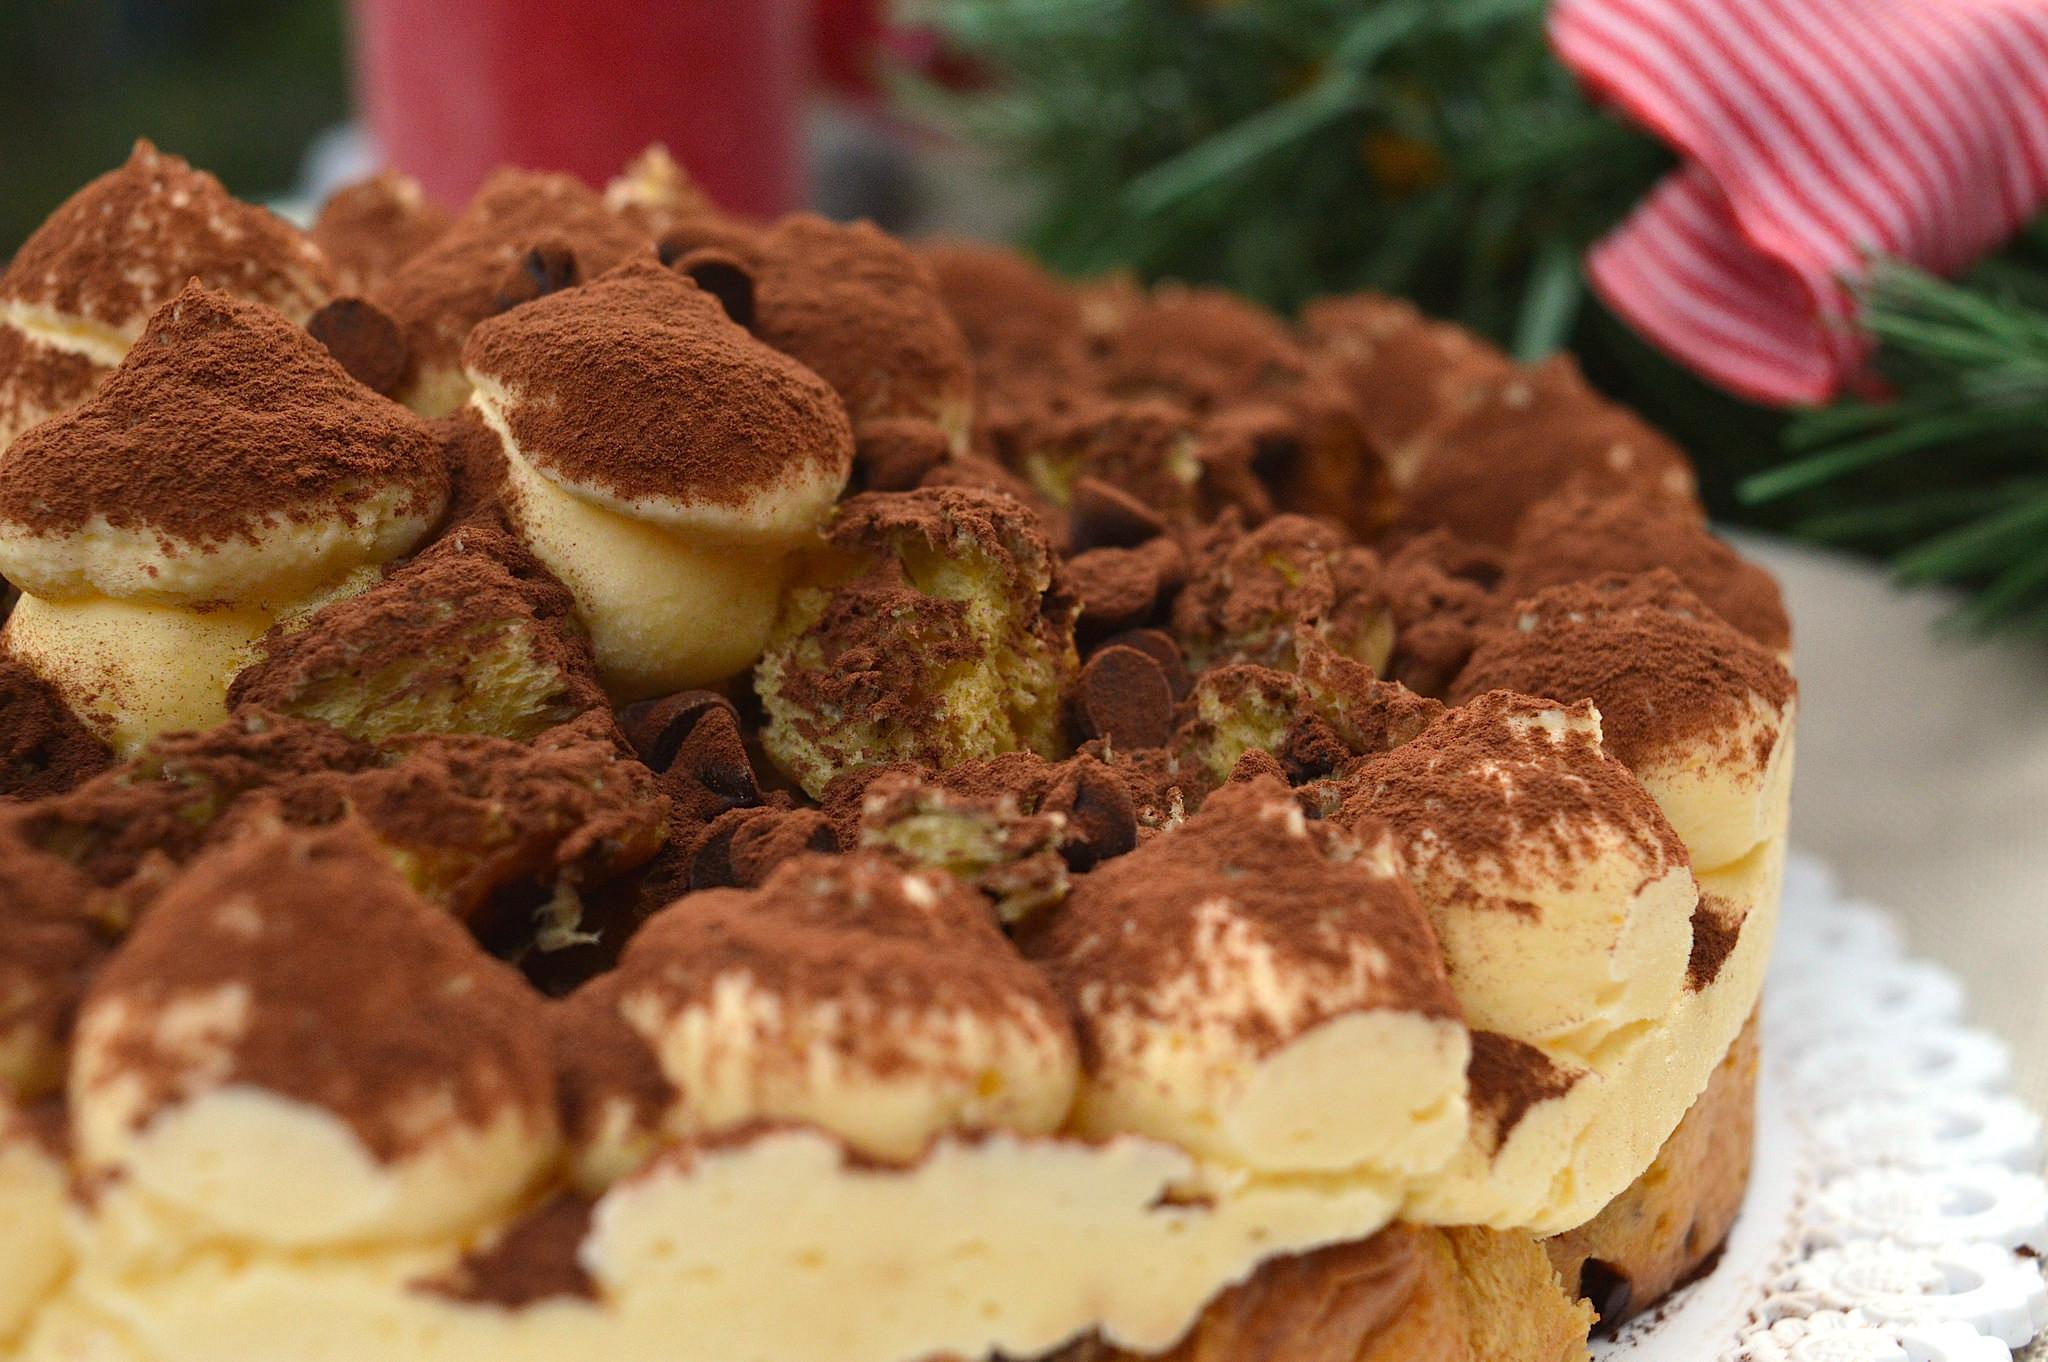 Ricette bimby dolci tiramisu ricette popolari sito culinario for Ricette bimby dolci